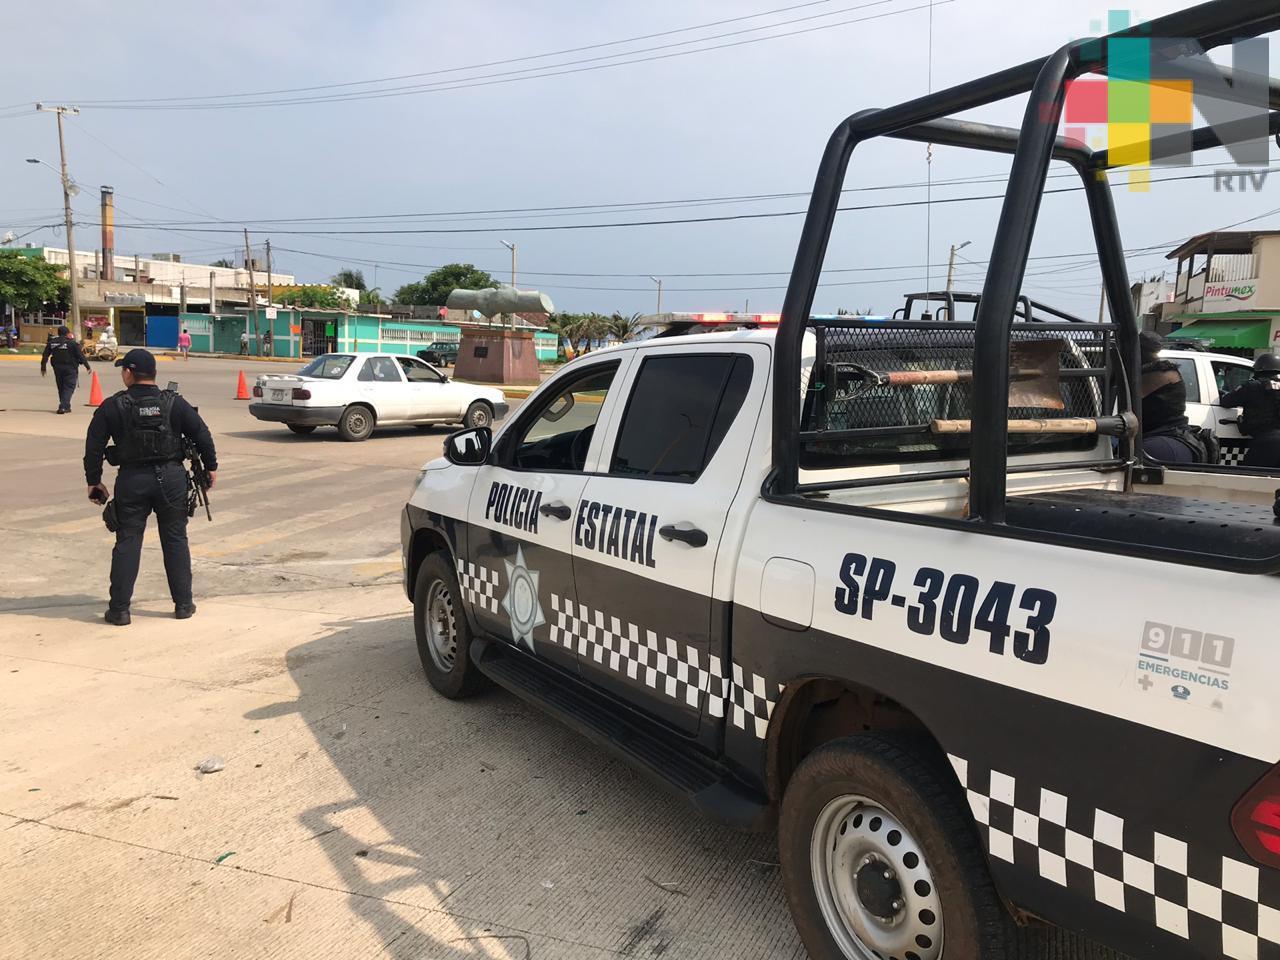 Próximo año se reforzará la seguridad en Veracruz: Cuitláhuac García